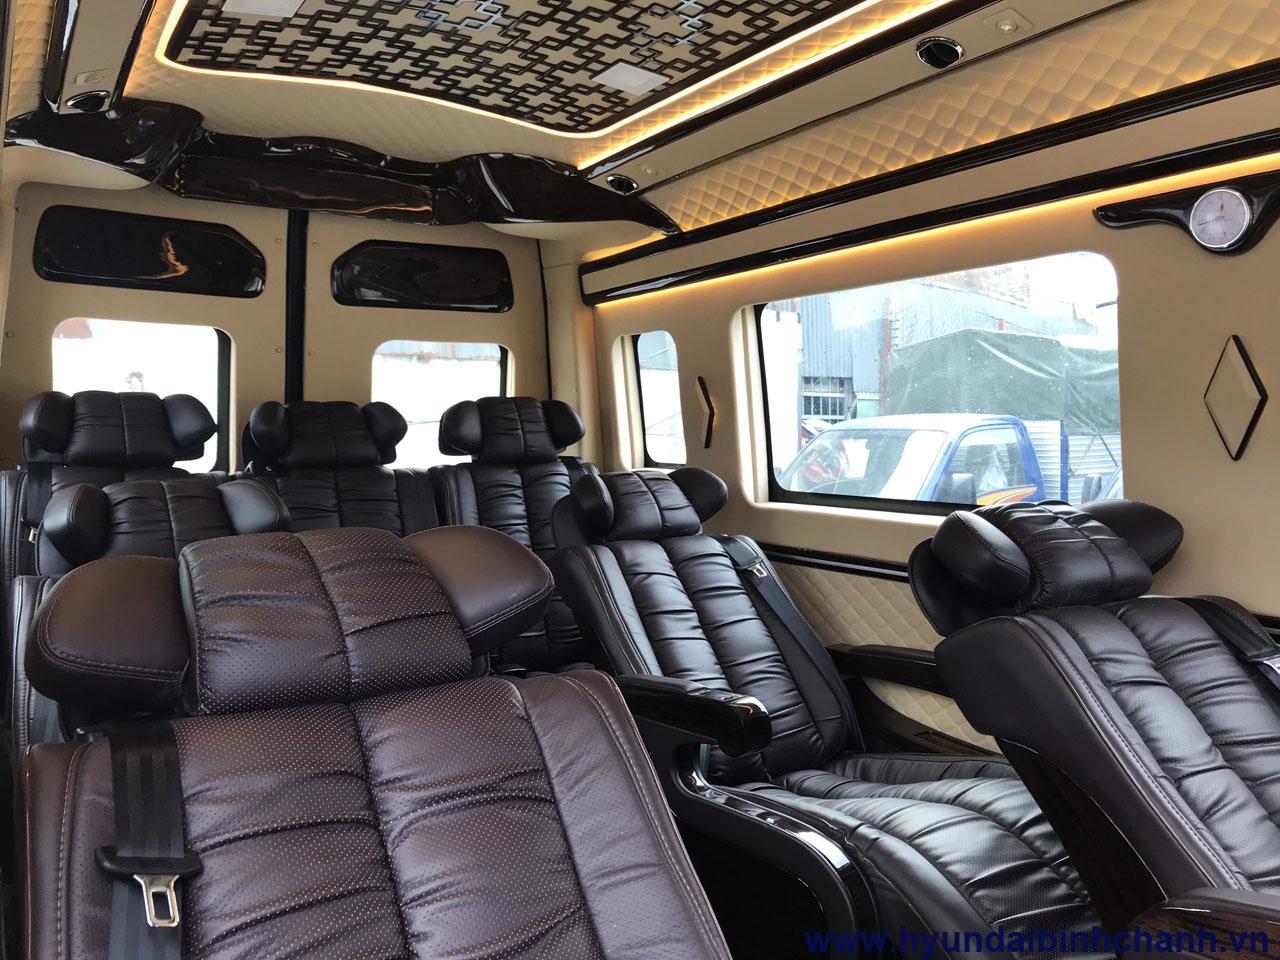 solati-limousine-05.jpg